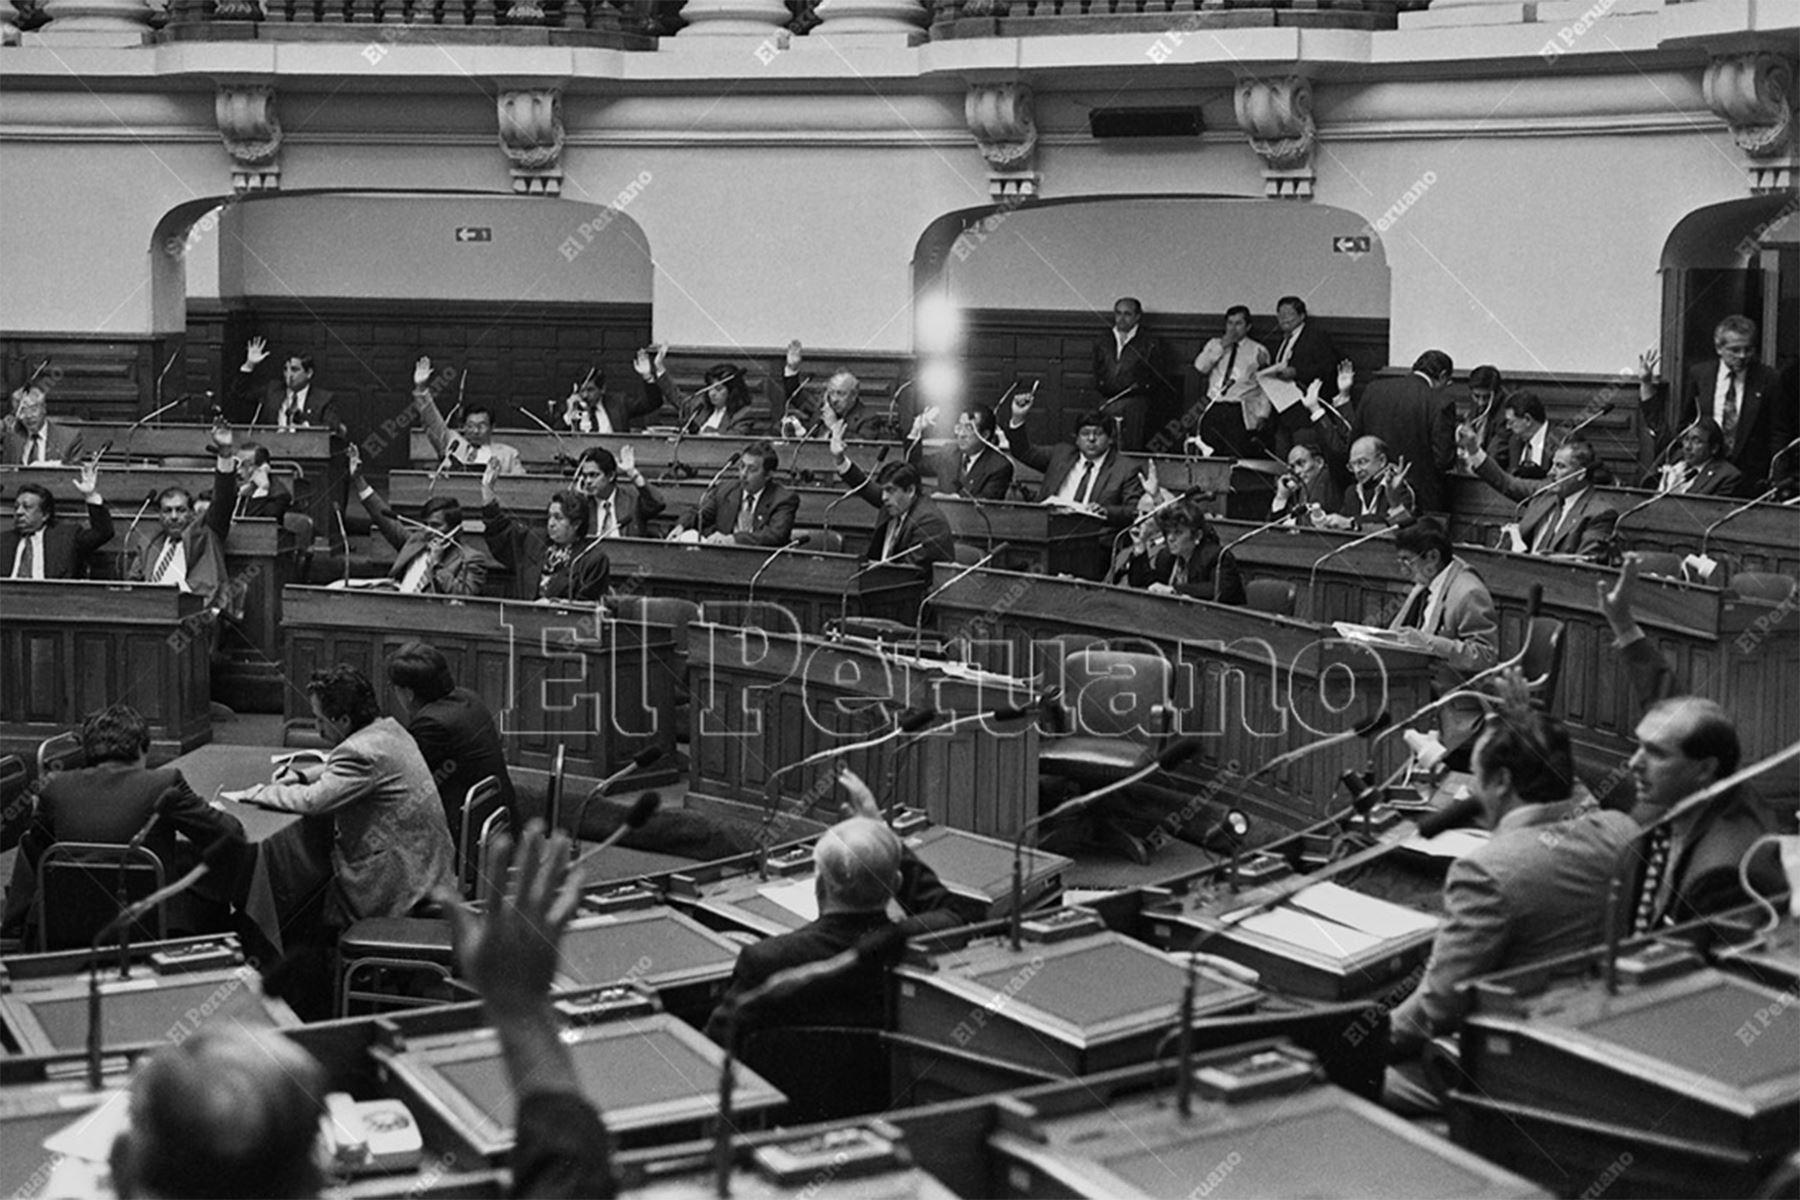 Lima - 13 octubre 1993 / Debate en el pleno del Congreso Constituyente Democrático (CCD). Foto: Archivo Histórico de El Peruano / Leoncio Mariscal